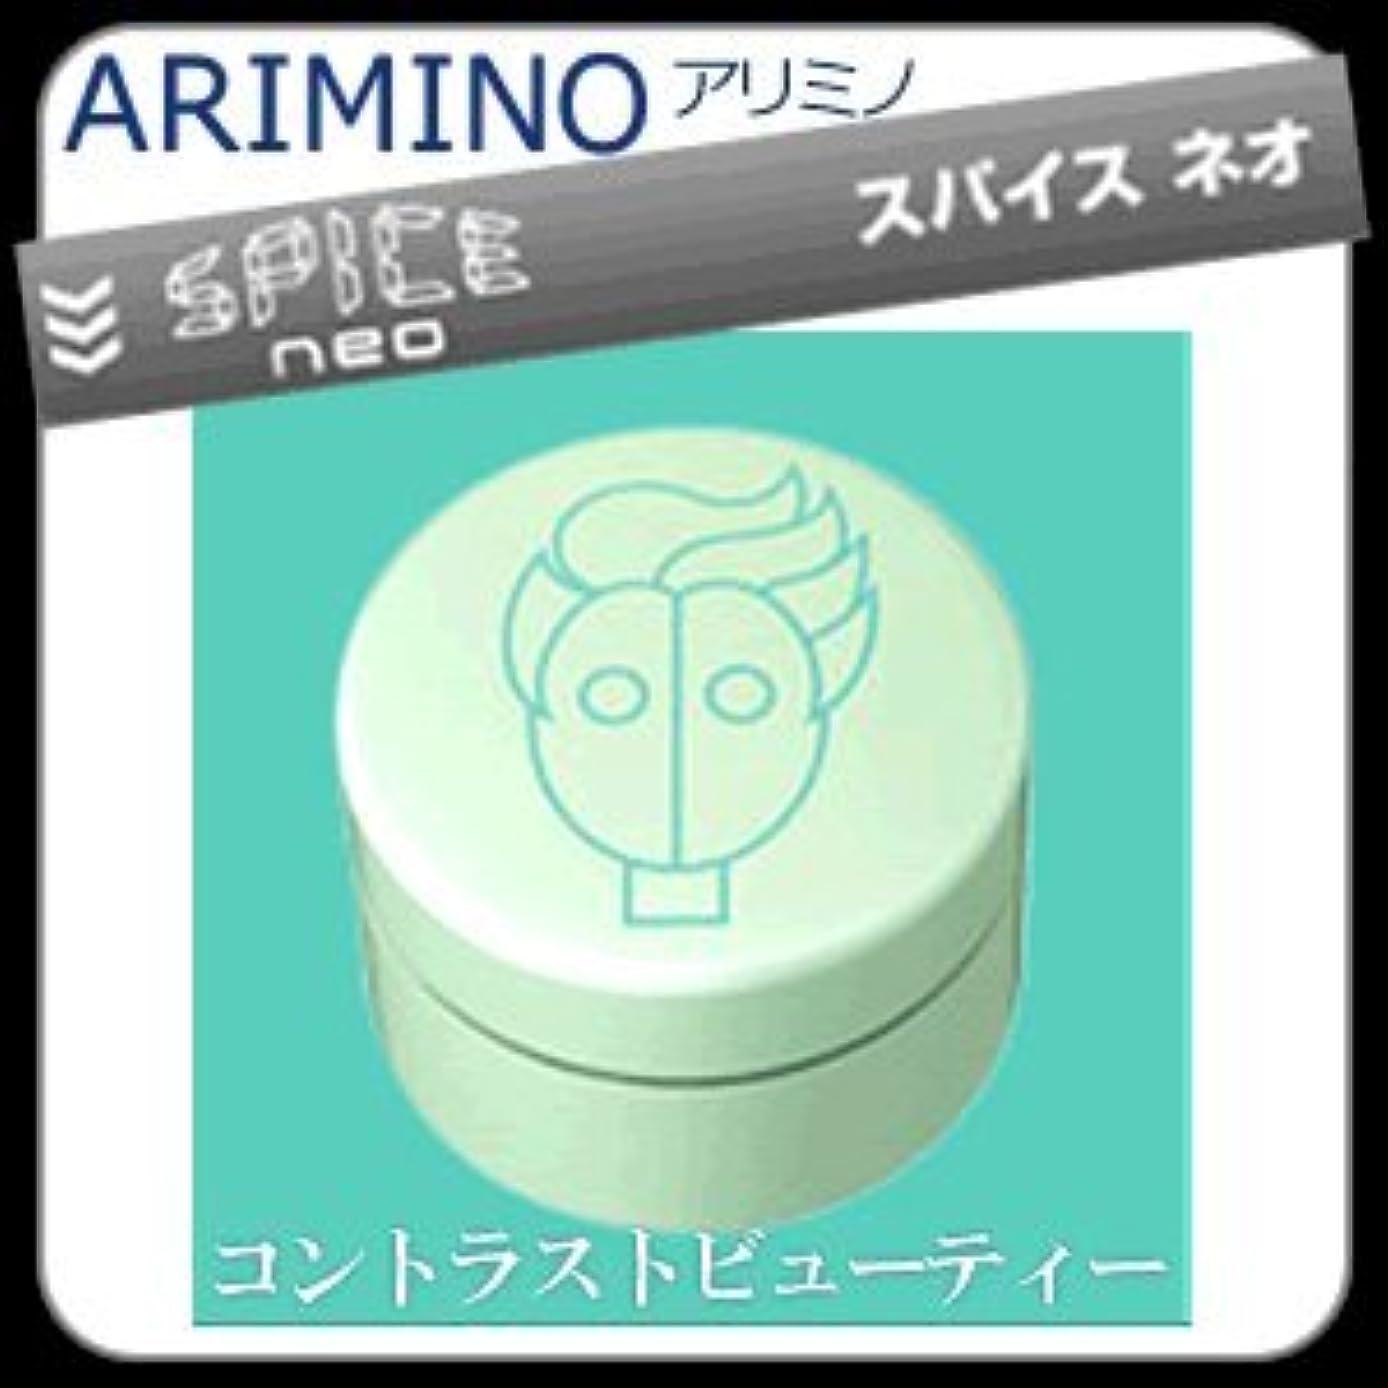 落胆するデイジー私の【X2個セット】 アリミノ スパイスネオ GREASE-WAX グリースワックス 100g ARIMINO SPICE neo